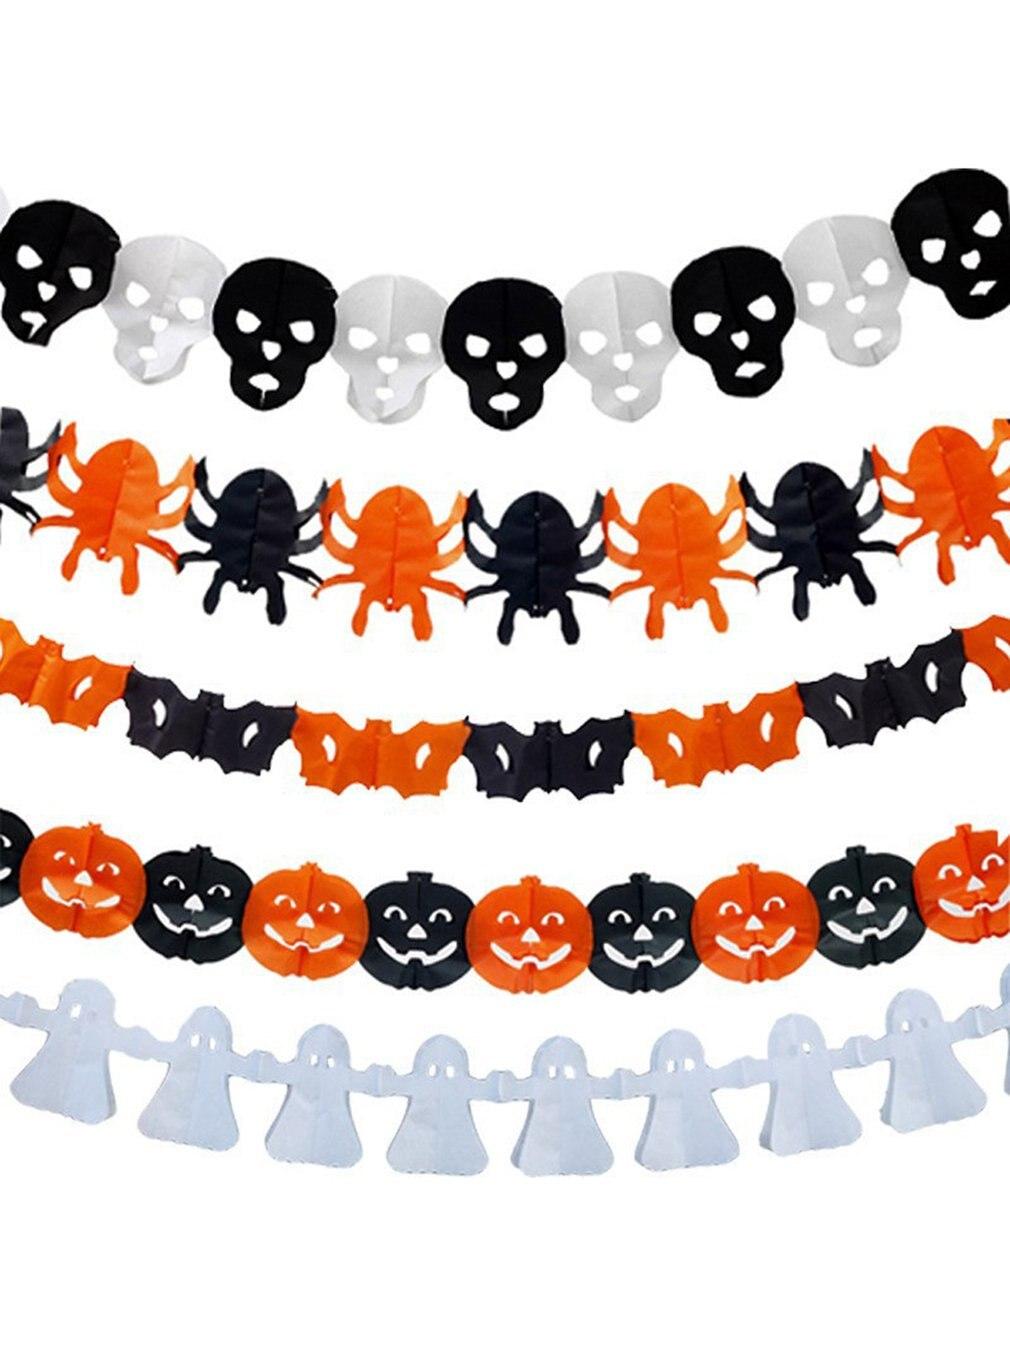 Halloween Party Decoration Banner Atmosphere Decoration Arrangement Hanging Flag Skeleton Pumpkin Pattern Flag